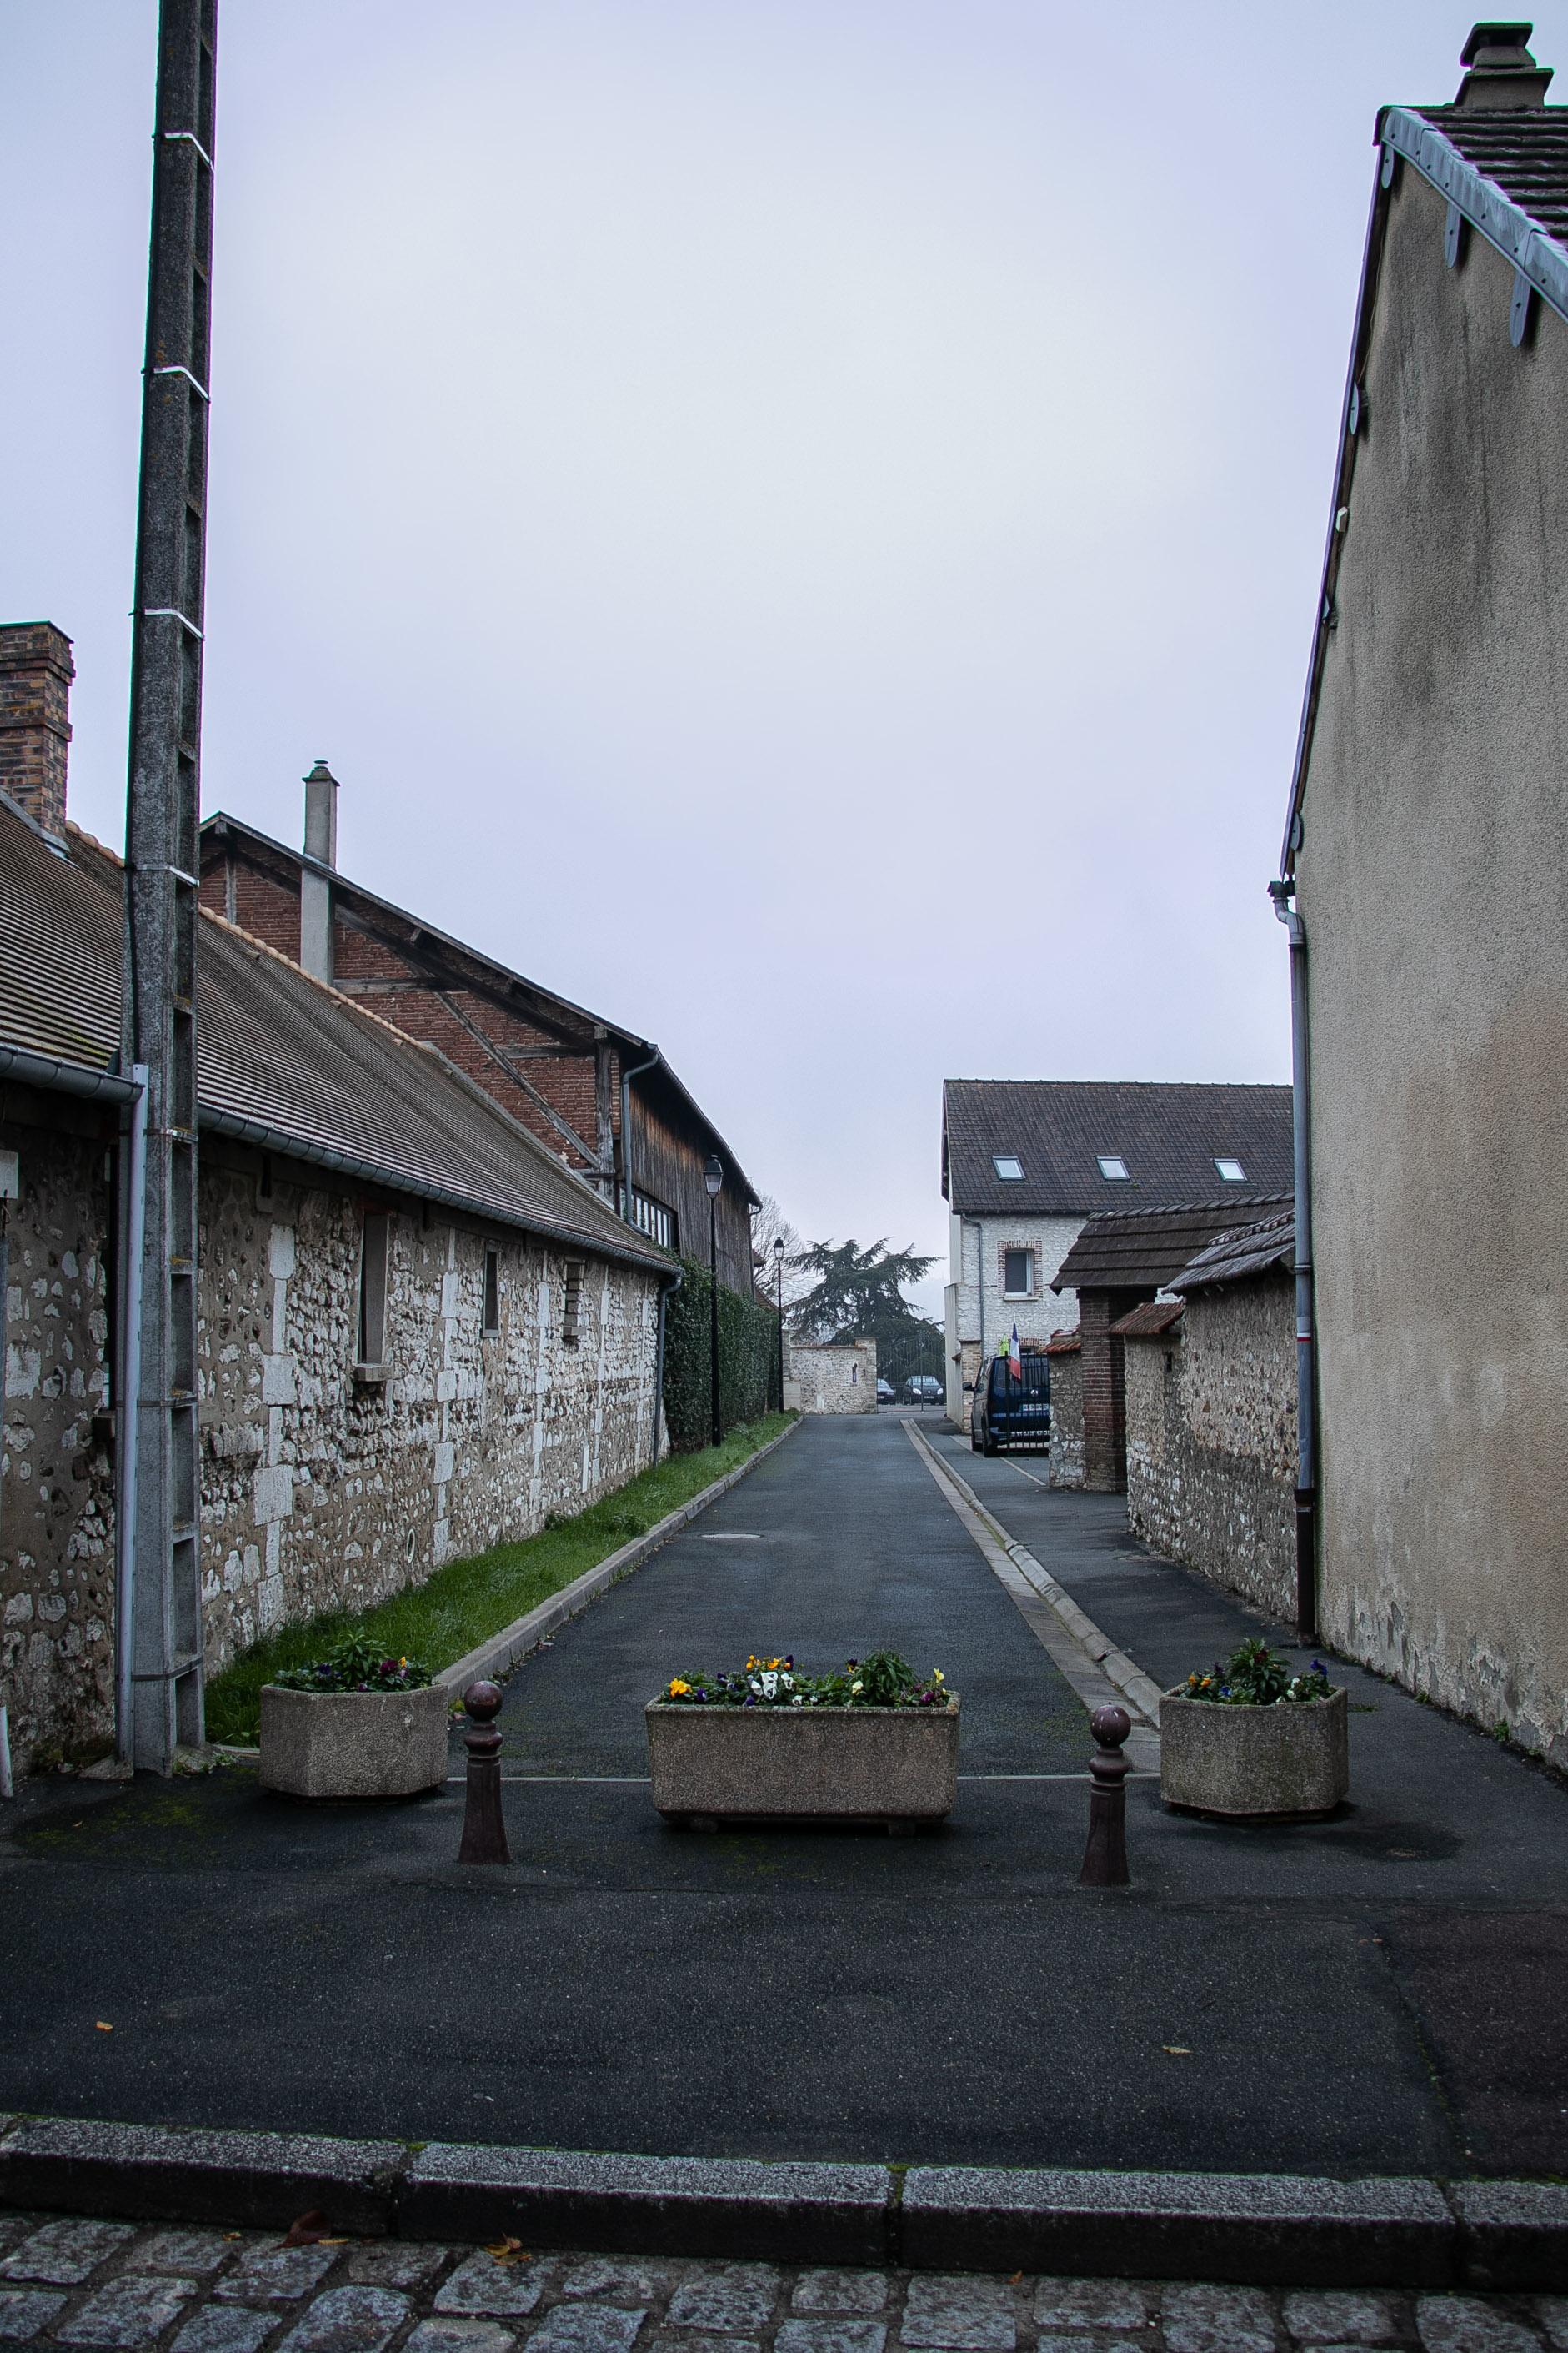 rue perpendiculaire à l_église.jpg